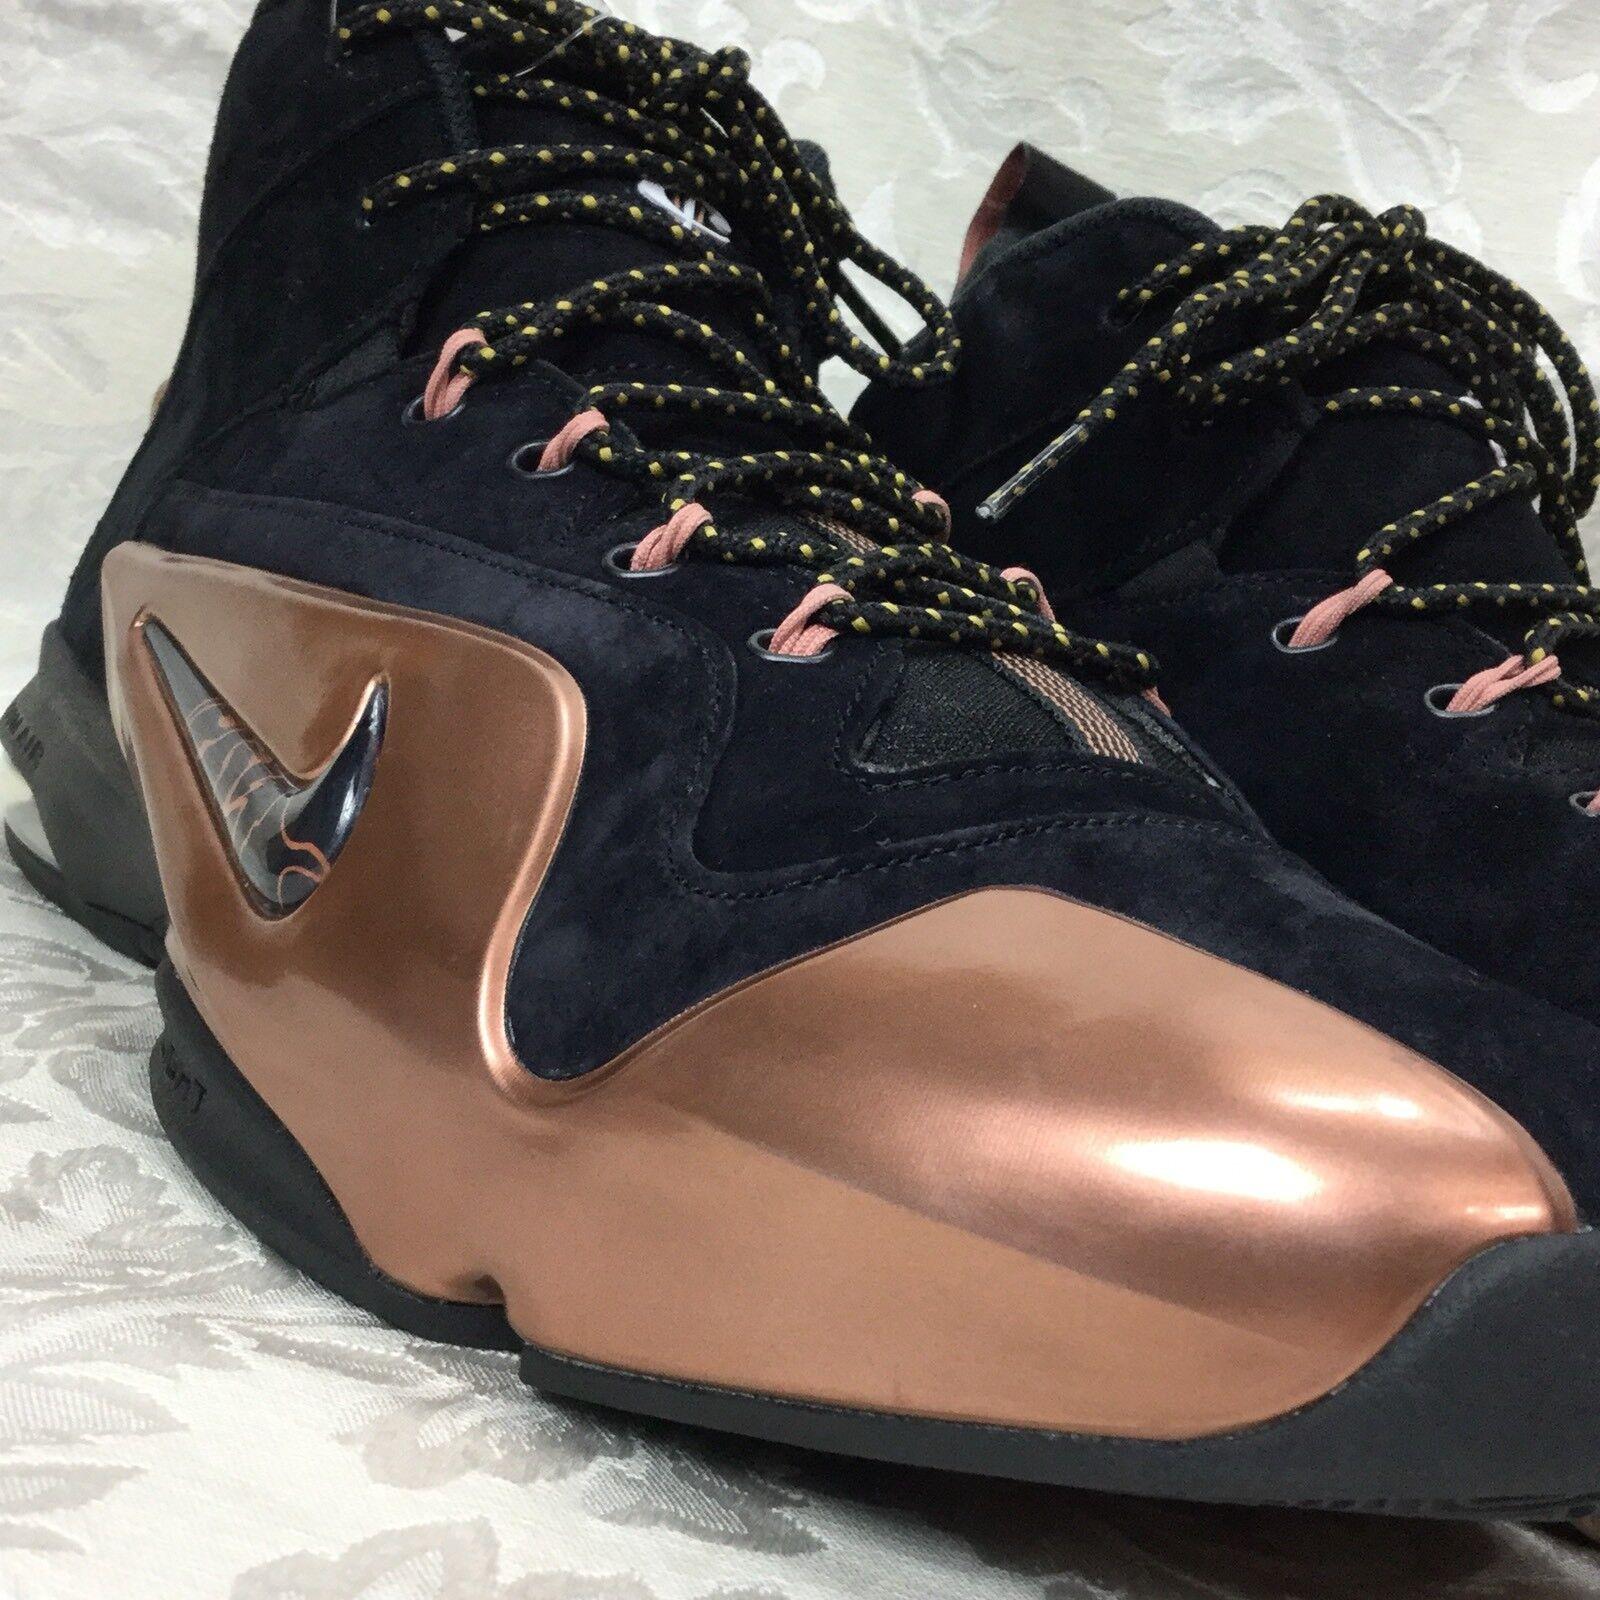 Nike Zoom Air Penny vi 6 Premium PMR negro metálico Hombre de cobre 749629 001 Hombre metálico 11 633b49